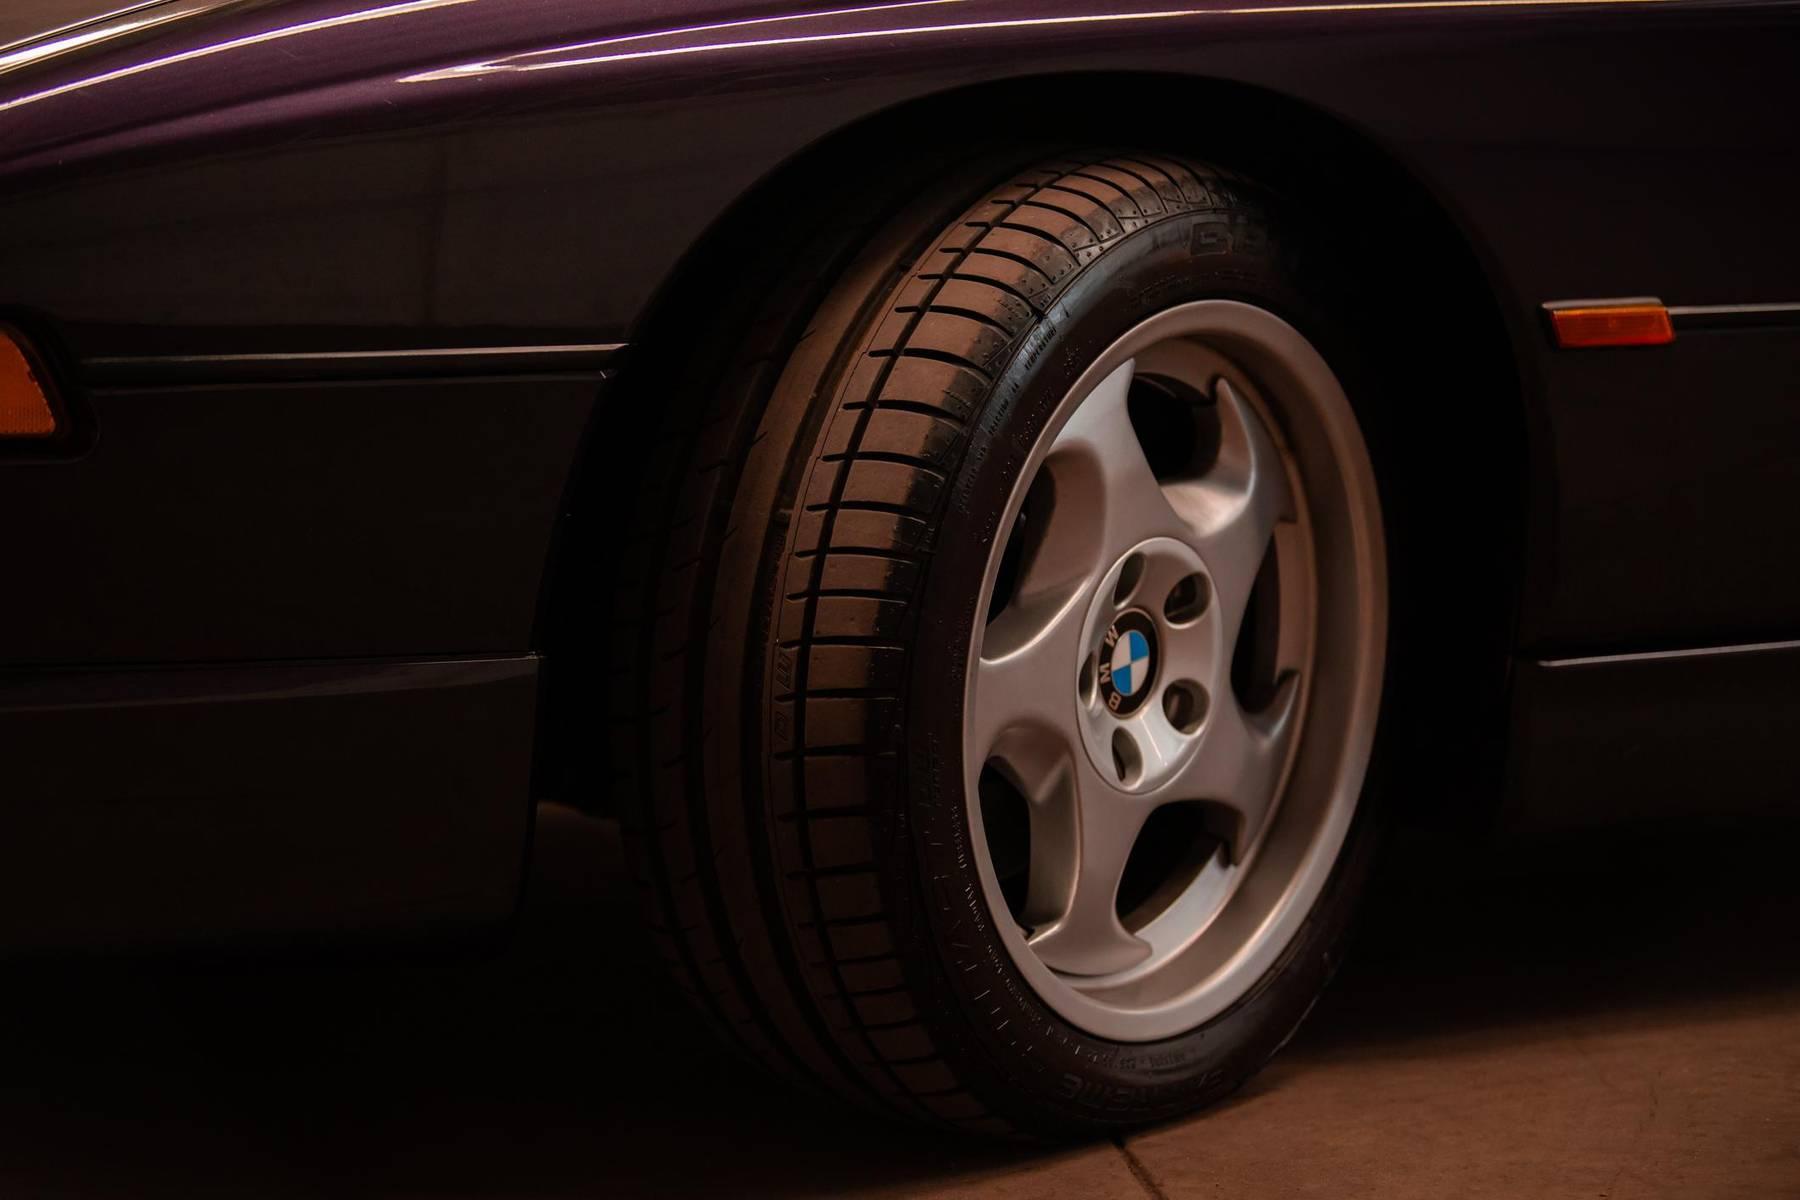 1995 BMW 850CSi wheel